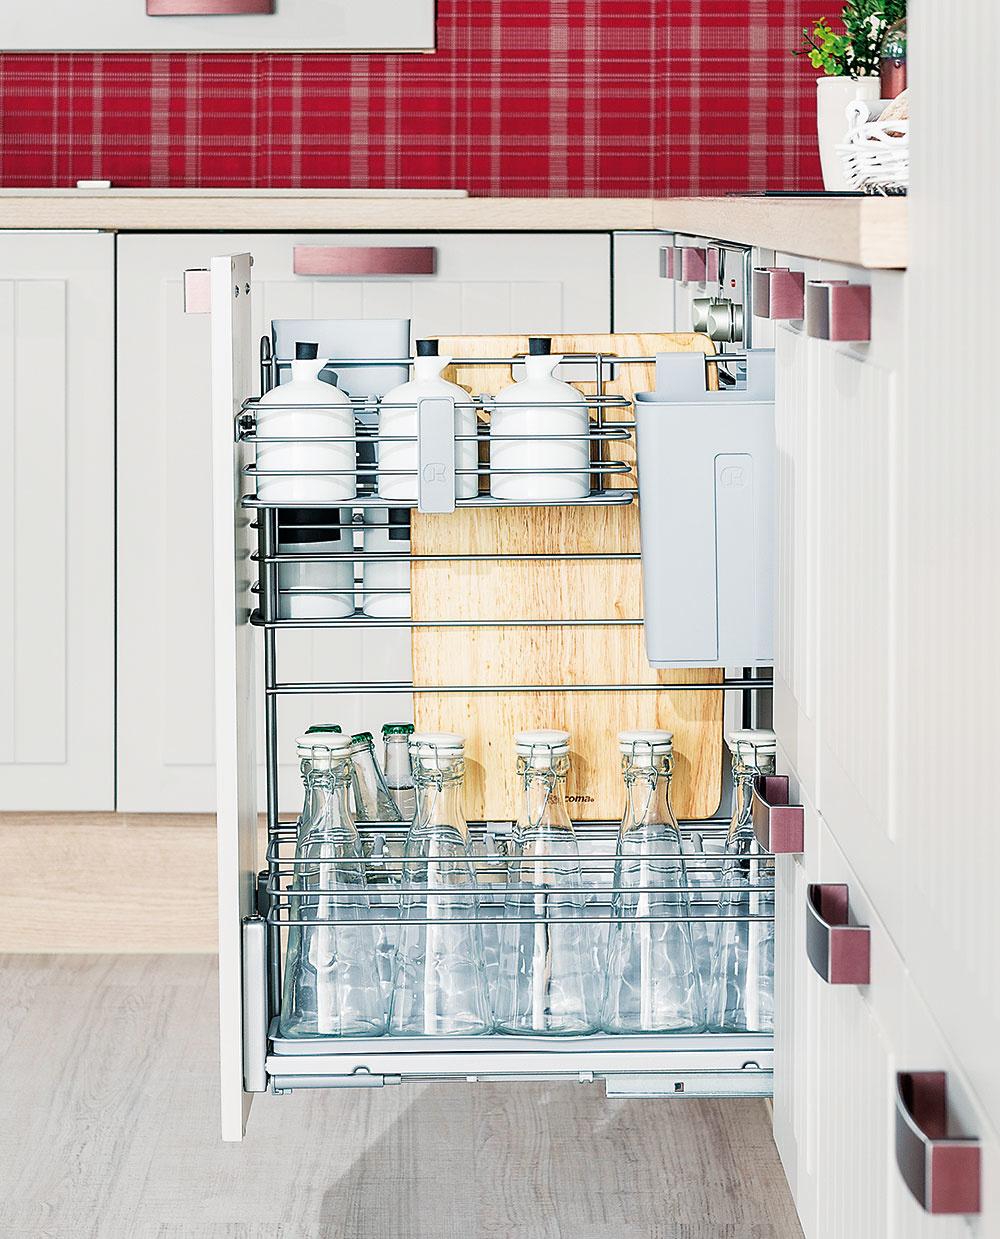 Výsuvné police a potravinové skrine s prístupom z oboch strán sú obzvlášť prehľadné. V kuchynskom štúdiu si ich môžete navrhnúť presne podľa svojich potrieb – zísť sa môže aj praktický organizér na fľaše. Rozmanité riešenia nájdete na www.decodom.sk.